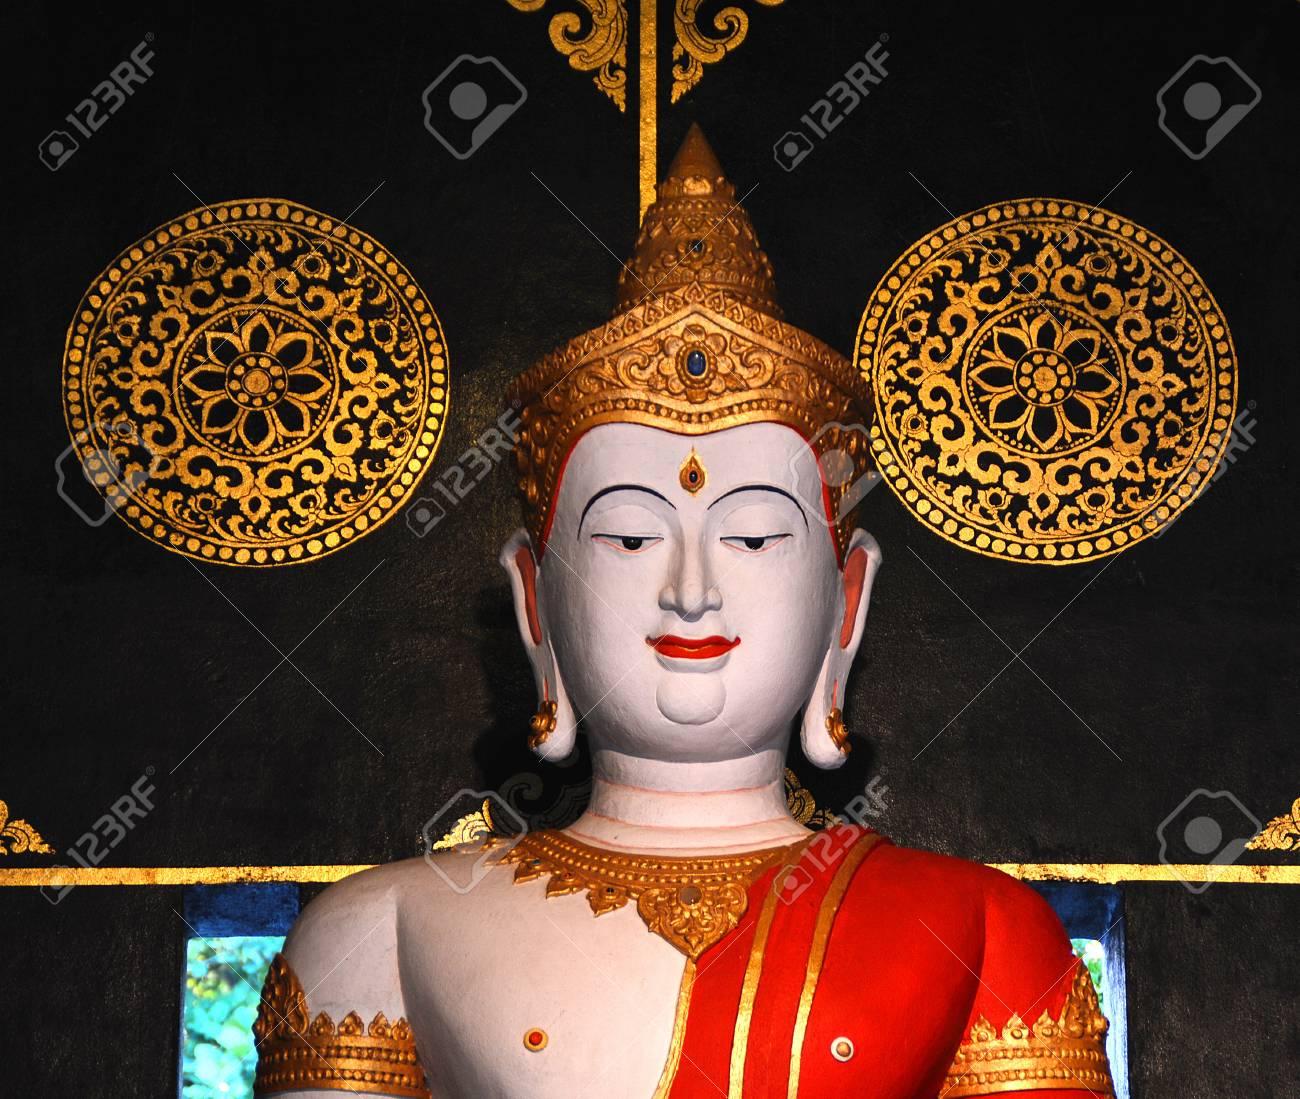 Buddha images , Close up face of white buddha, Thailand ,Asia Stock Photo - 18316692